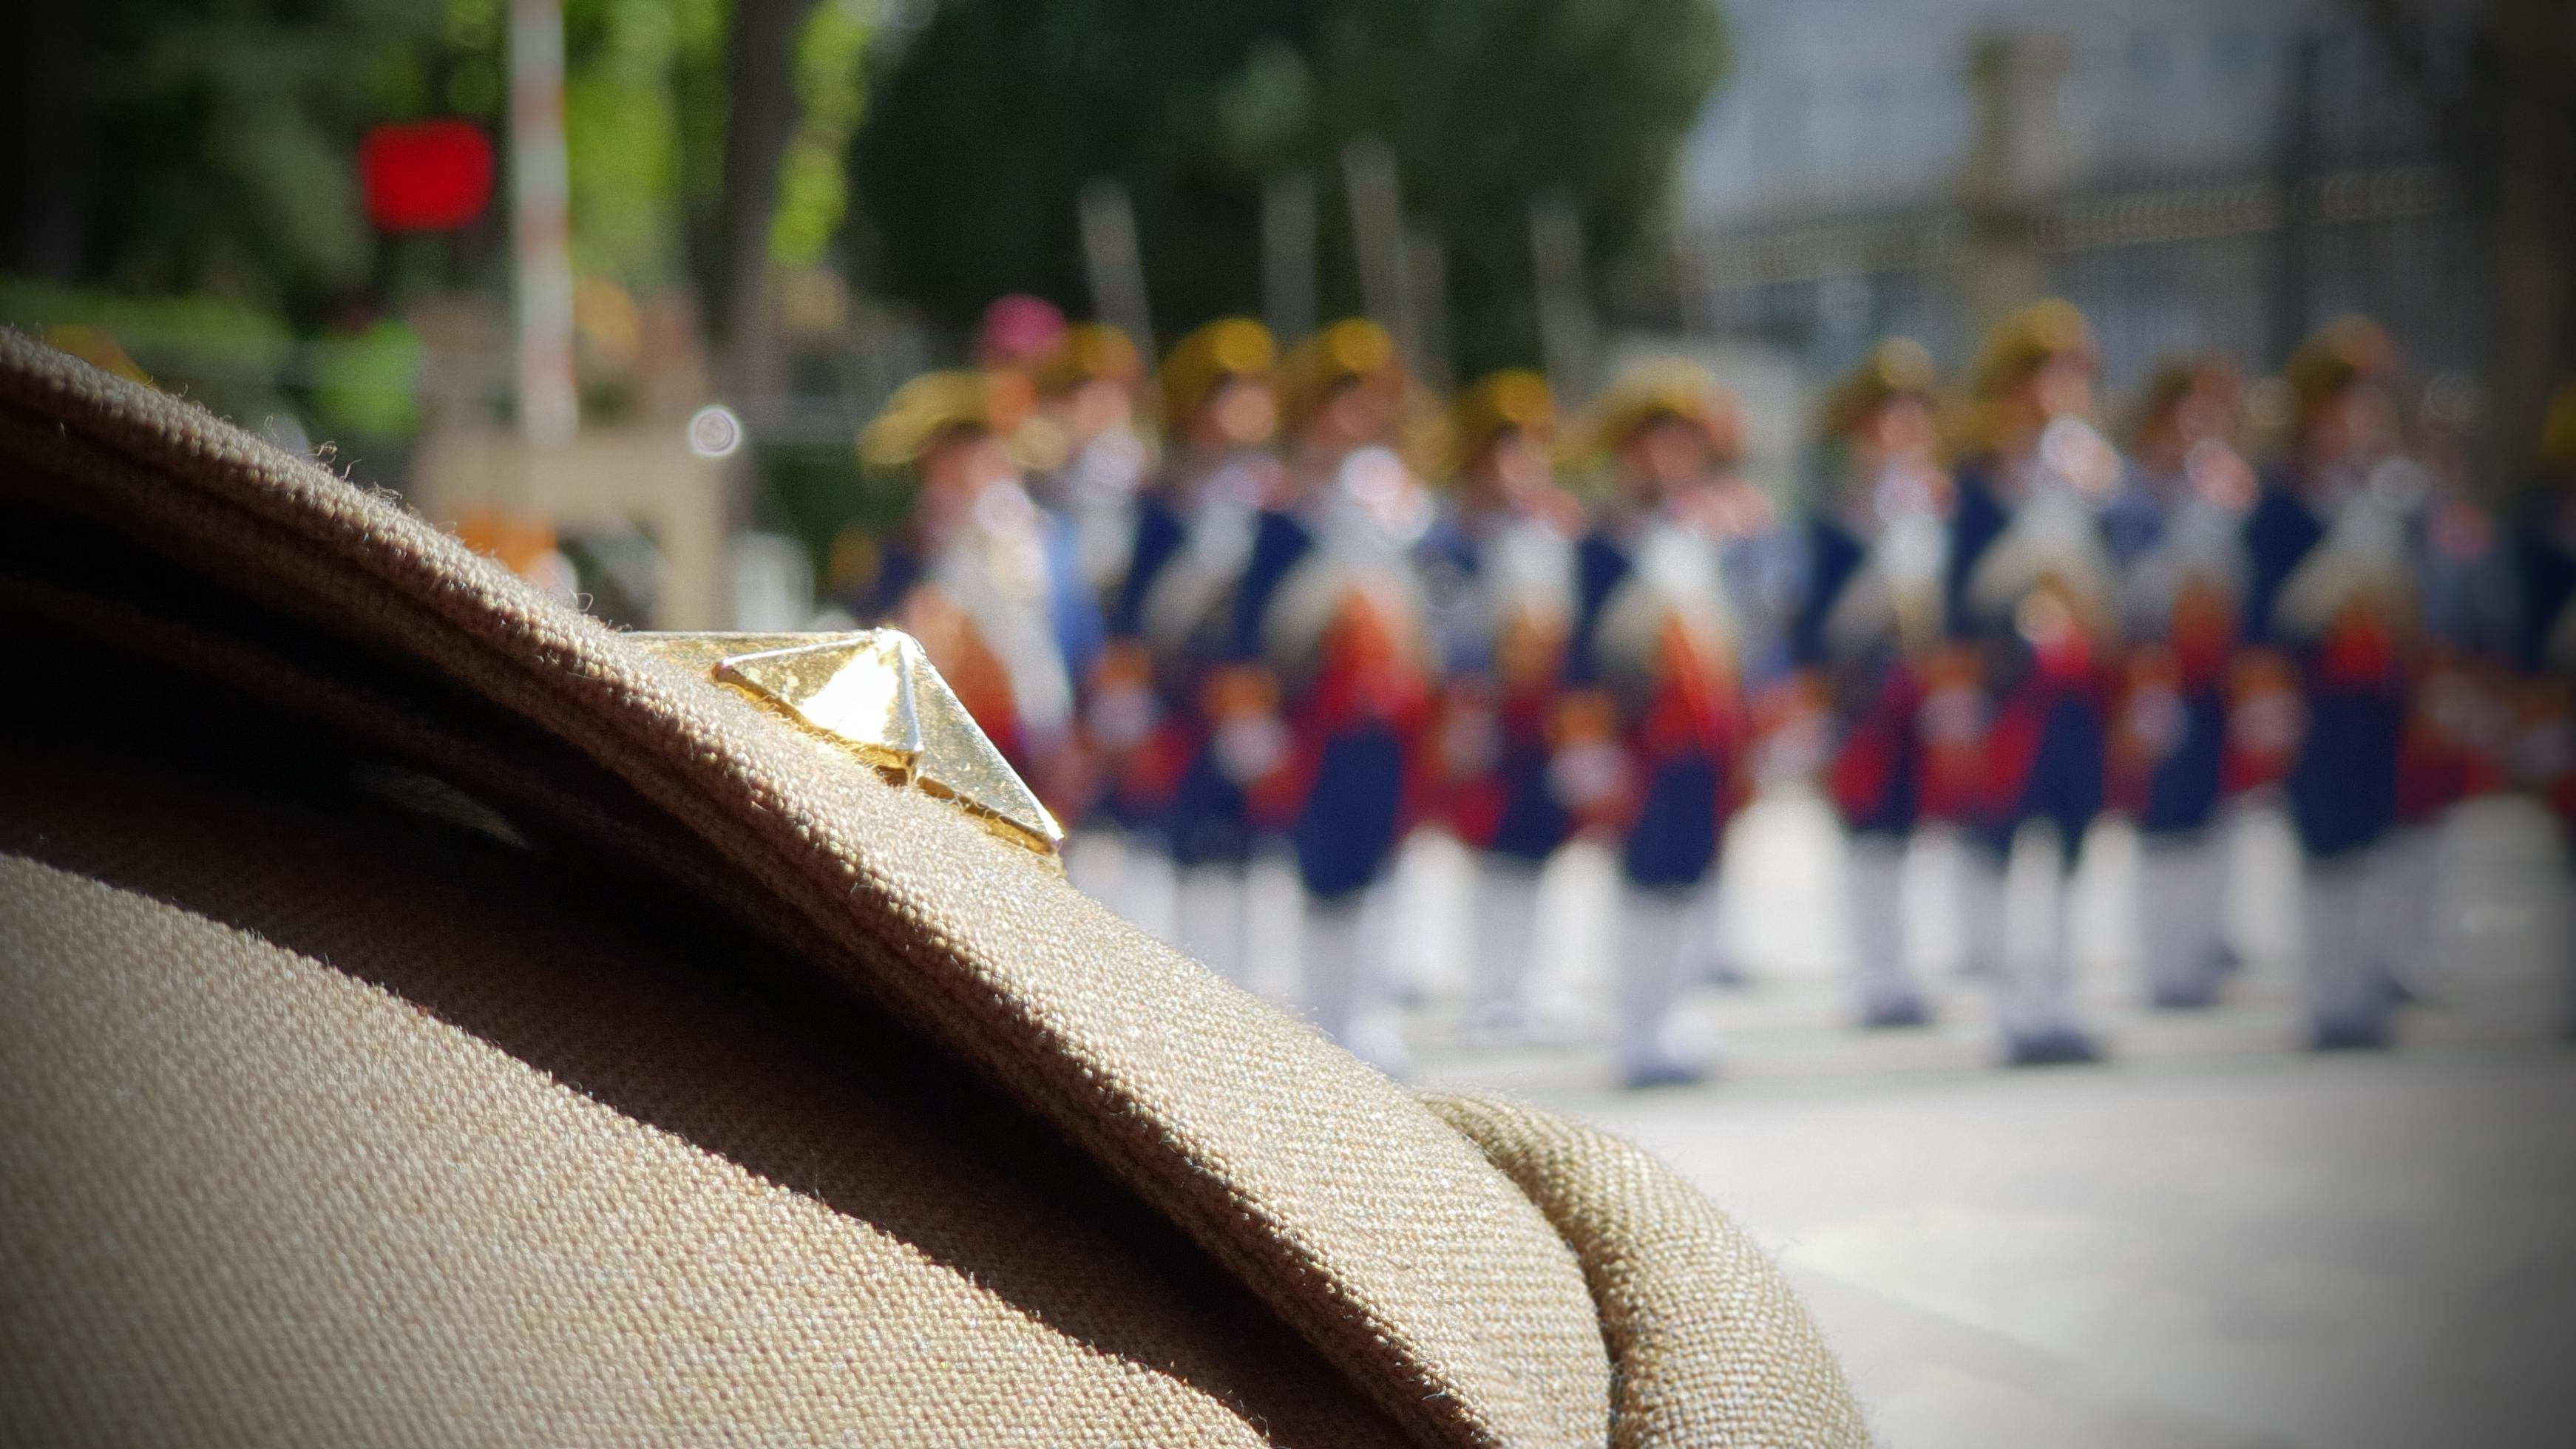 Cambio de Guardia Cuartel General del Ejército Imanol Sánchez